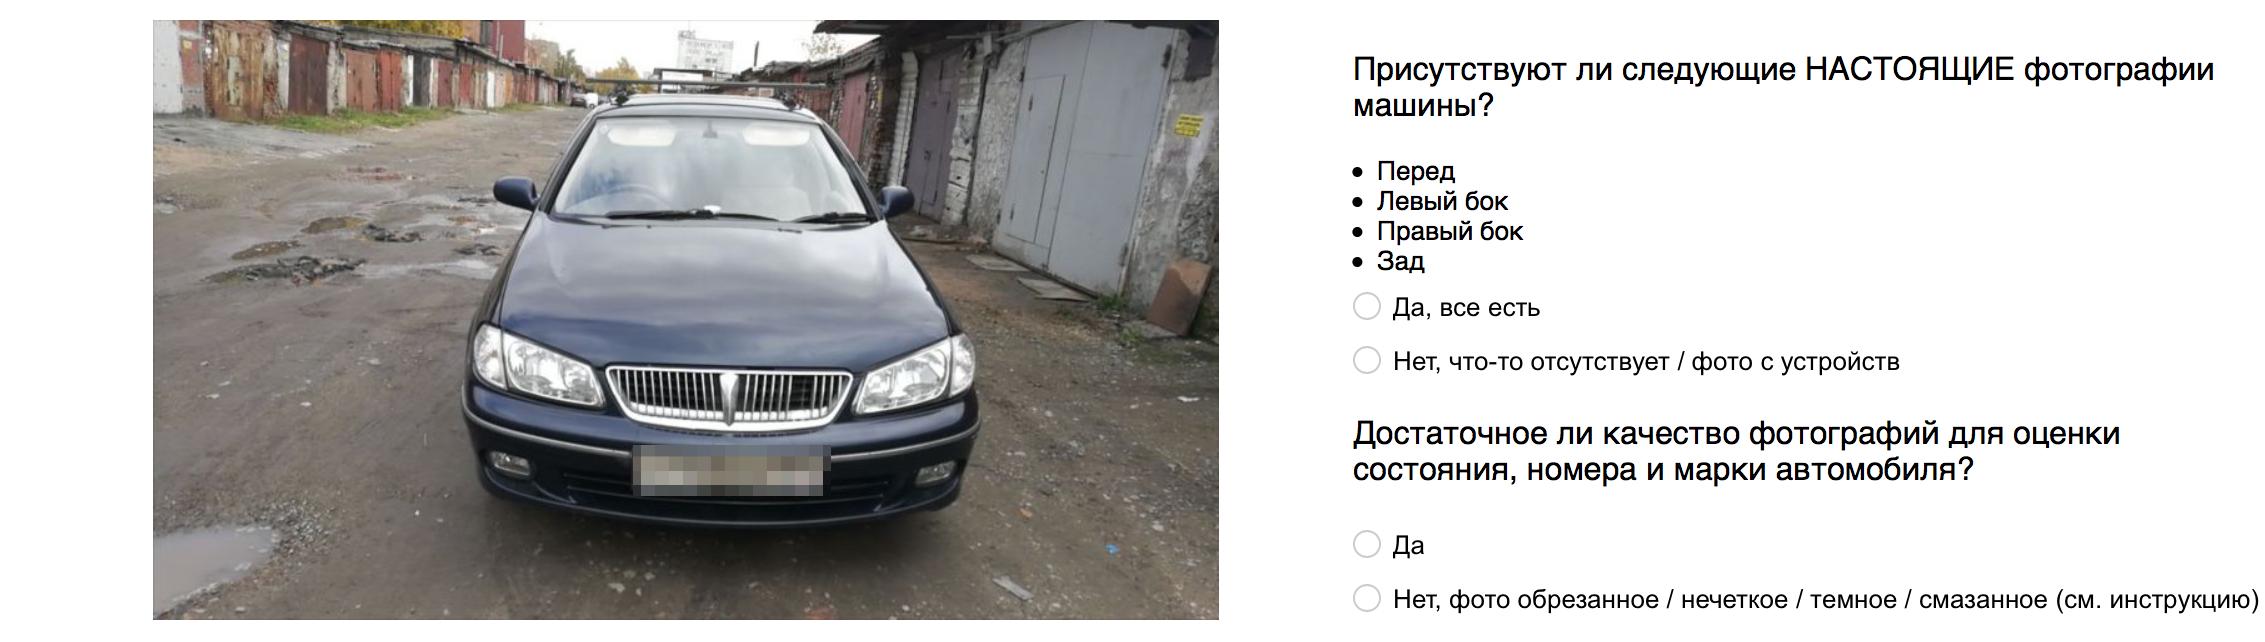 Так видит ДКК исполнитель Яндекс.Толоки